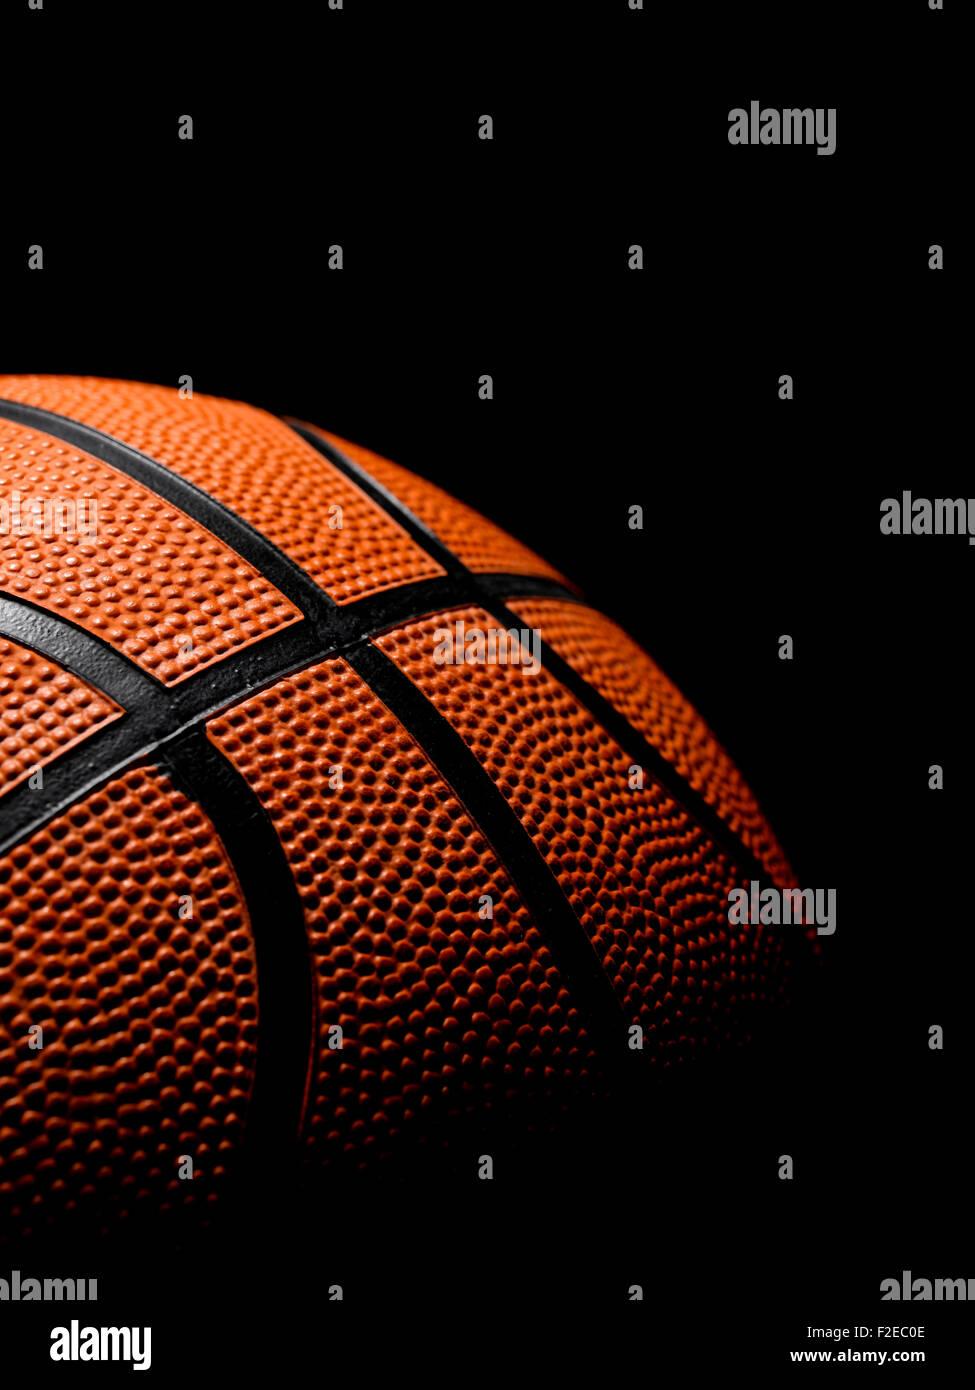 Seul le basket-ball sur un fond noir Photo Stock